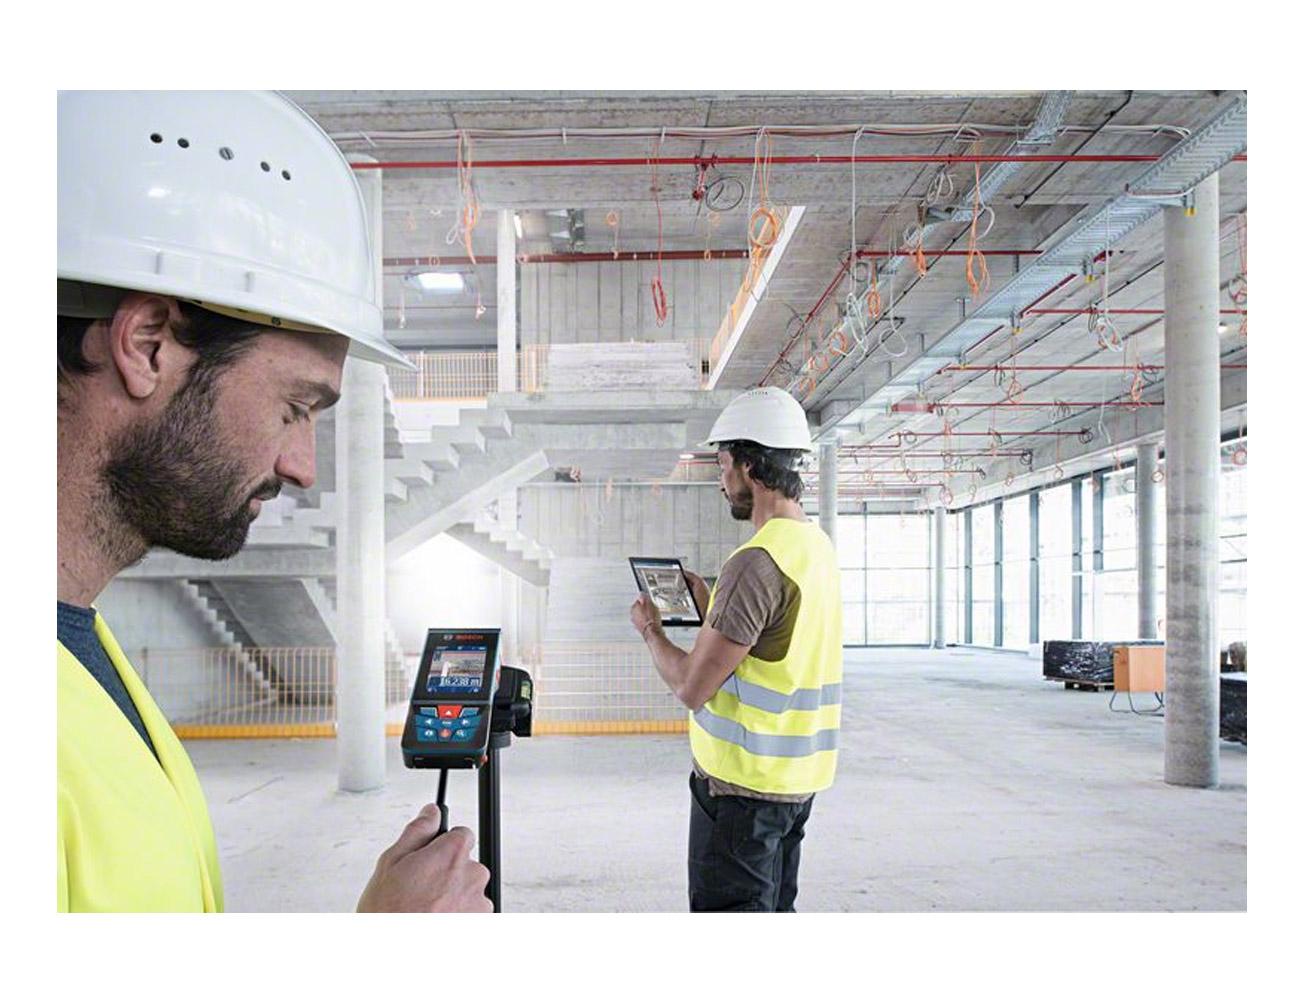 Bosch Entfernungsmesser Glm 120 C : Laser entfernungsmesser glm c mit integrierter kamera und